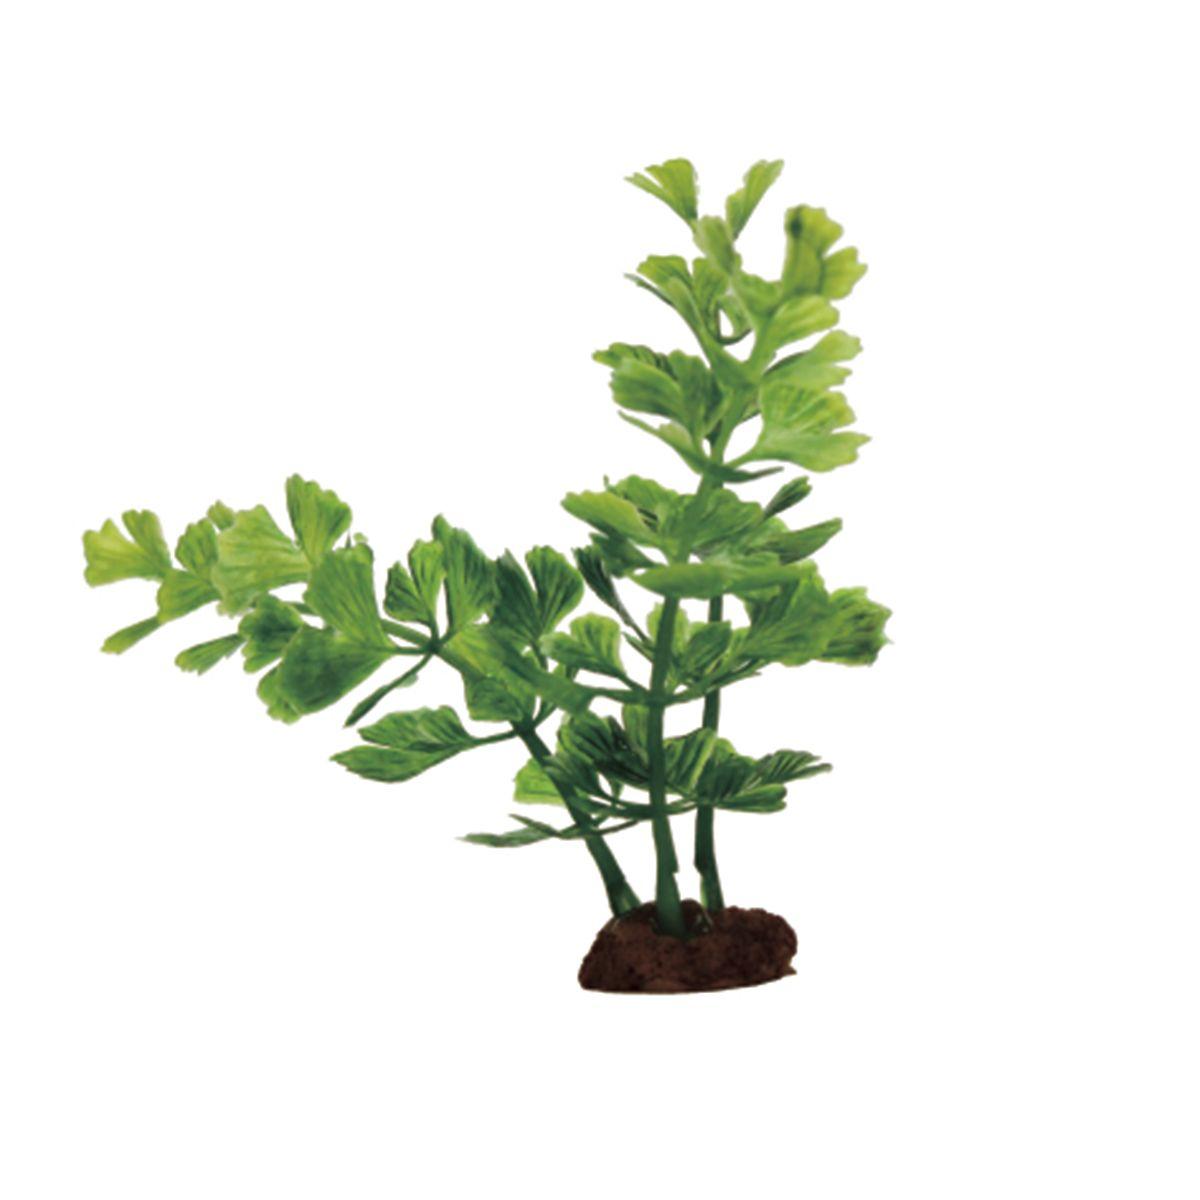 Растение для аквариума ArtUniq Кариота, высота 10 см, 6 шт0120710Композиция из искусственных растений ArtUniq превосходно украсит и оживит аквариум.Растения - это важная часть любой композиции, они помогут вдохнуть жизнь в ландшафт любого аквариума или террариума. А их сходствос природными порадует даже самых взыскательных ценителей.